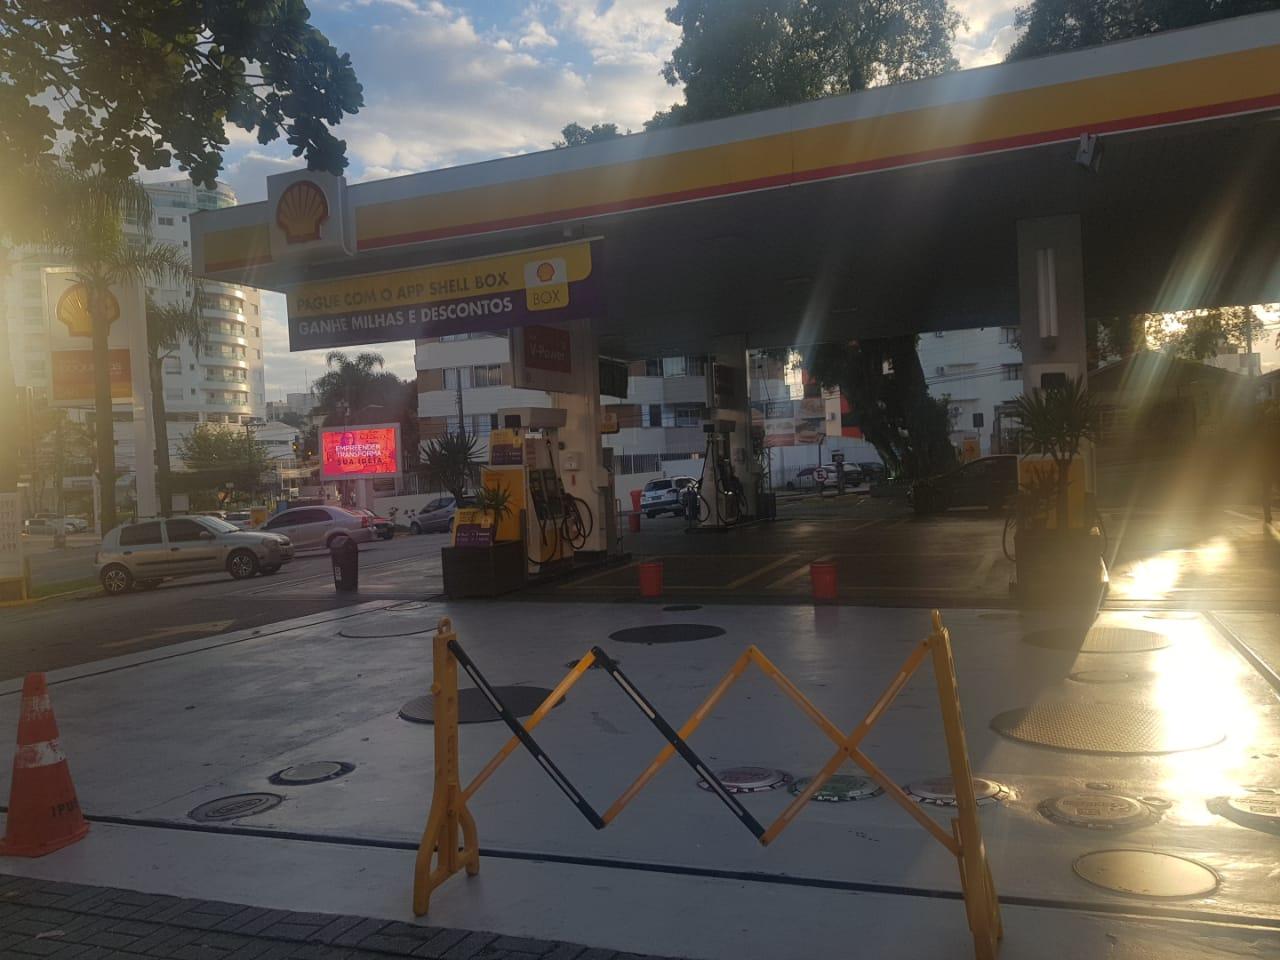 Posto do Continente que funciona 24h está fechado (Foto: Rafael Martini)